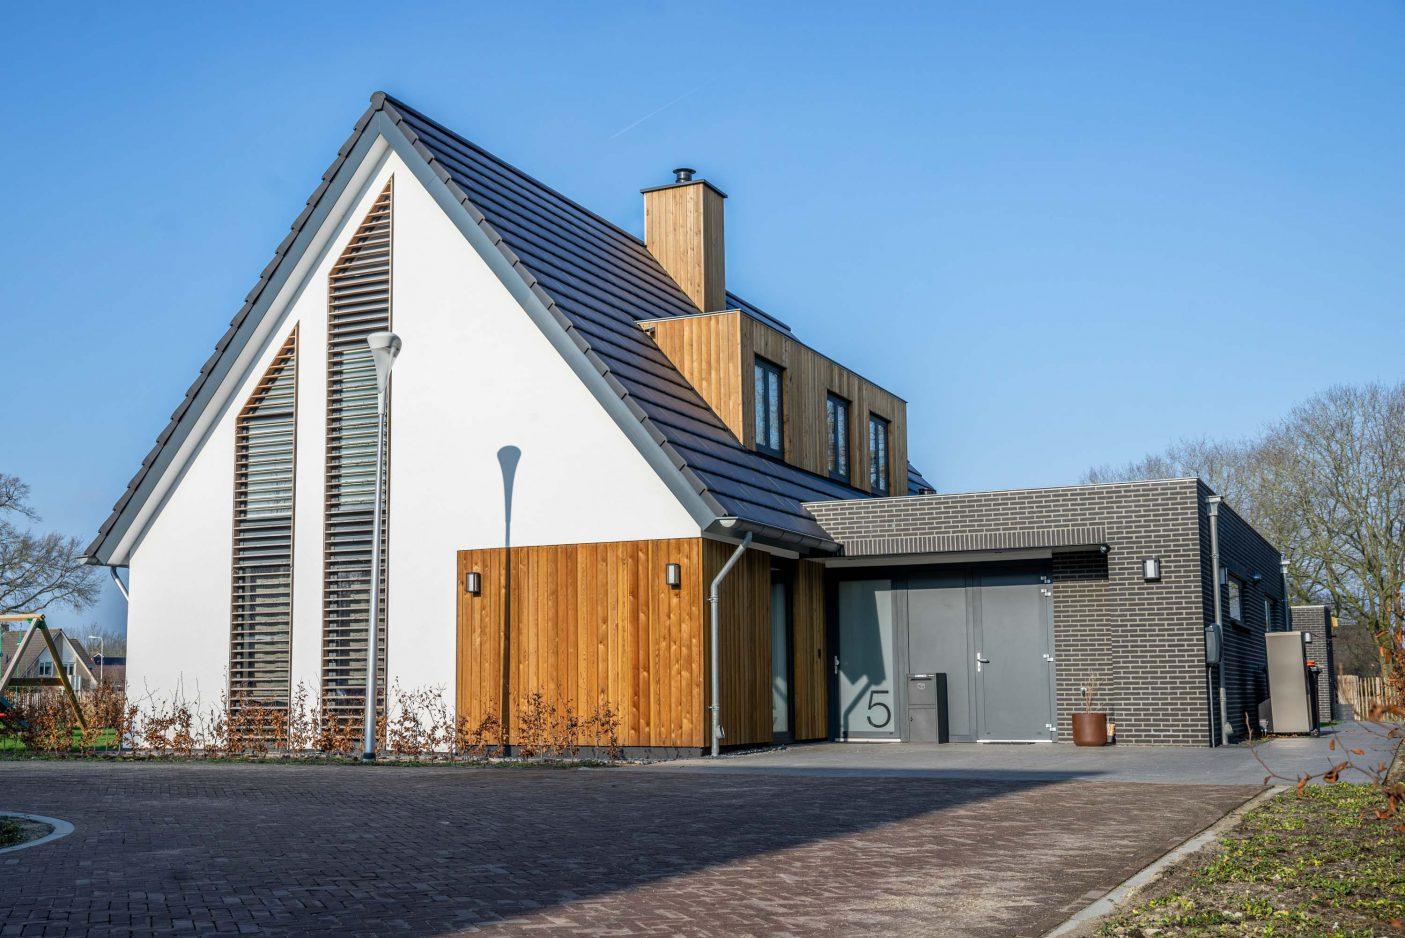 marten-ontwerpt-wevershof-heino-11-1.jpg